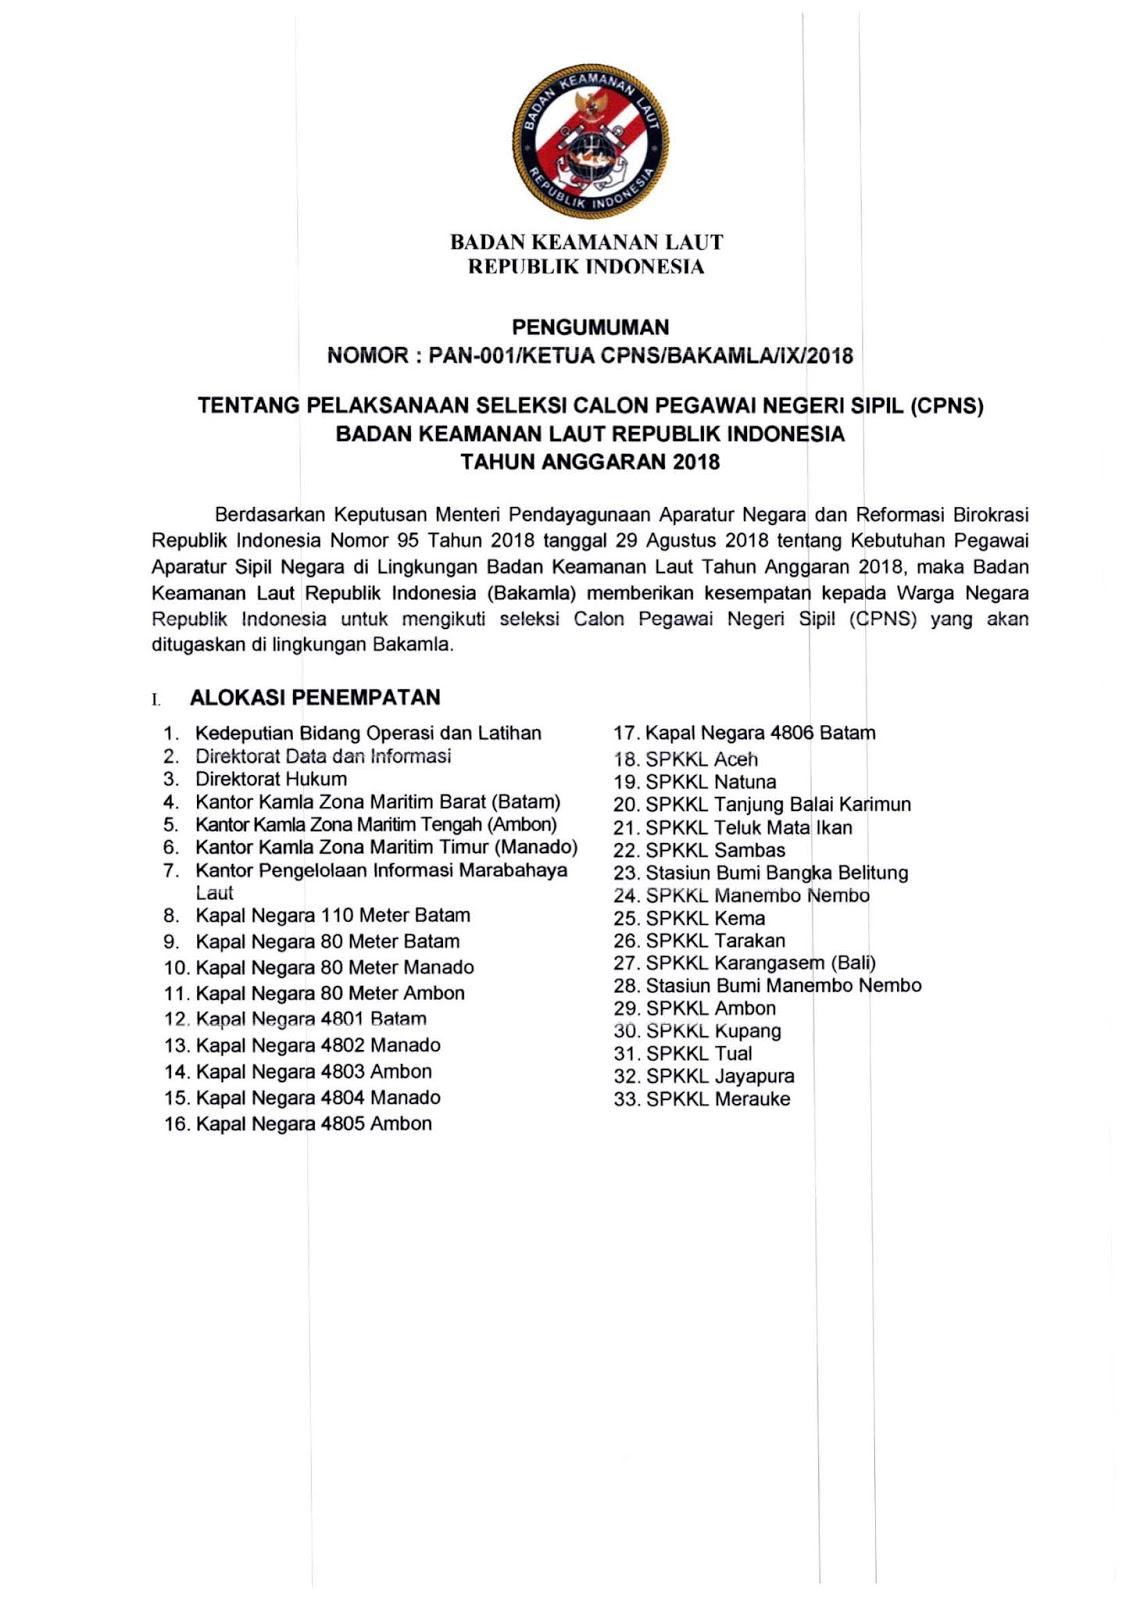 Lowongan CPNS Badan Keamanan Laut Republik Indonesia (95 Formasi) Minimal SMA SMK